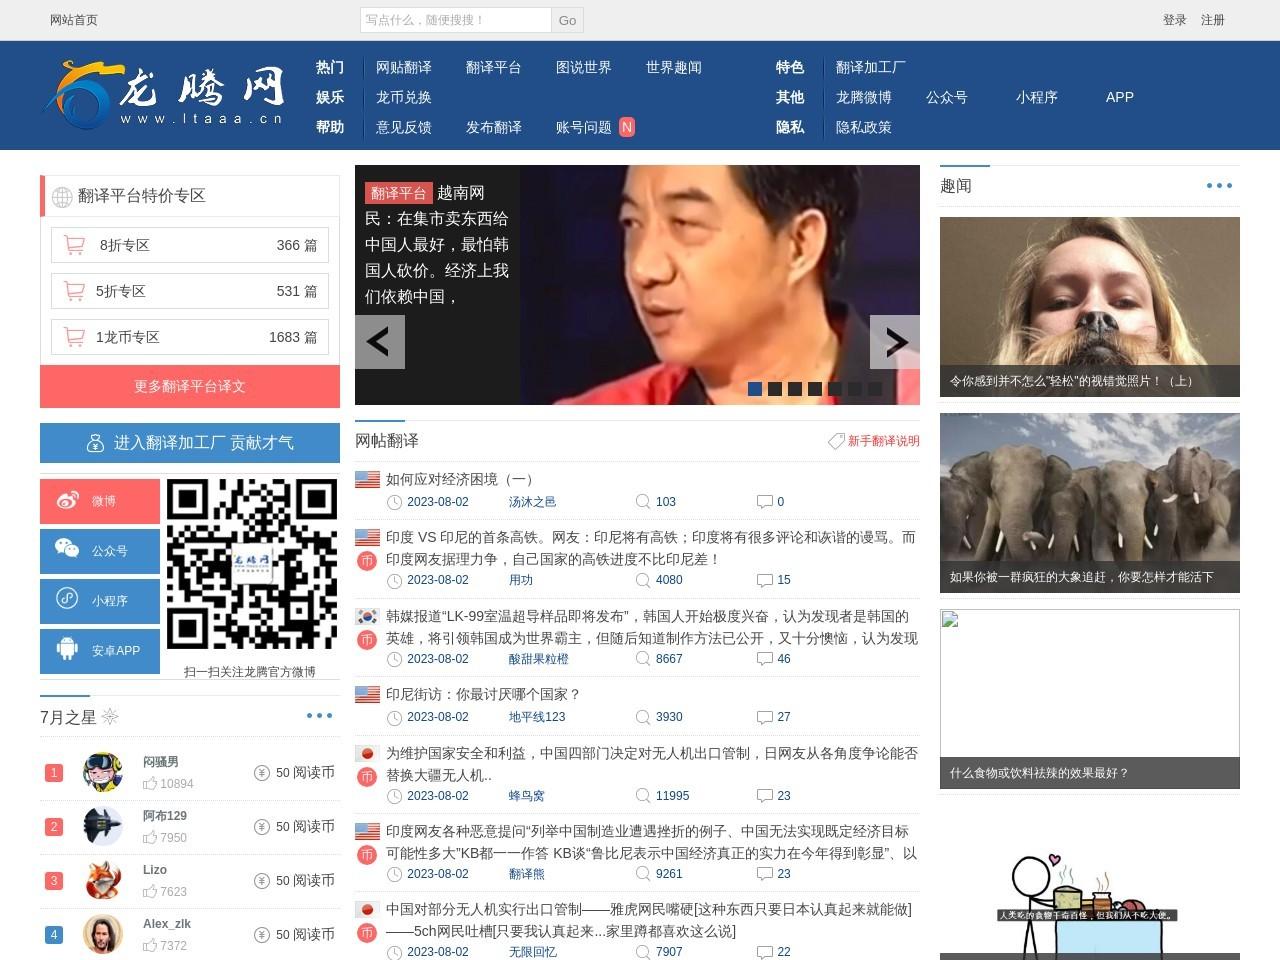 龙腾网的网站截图